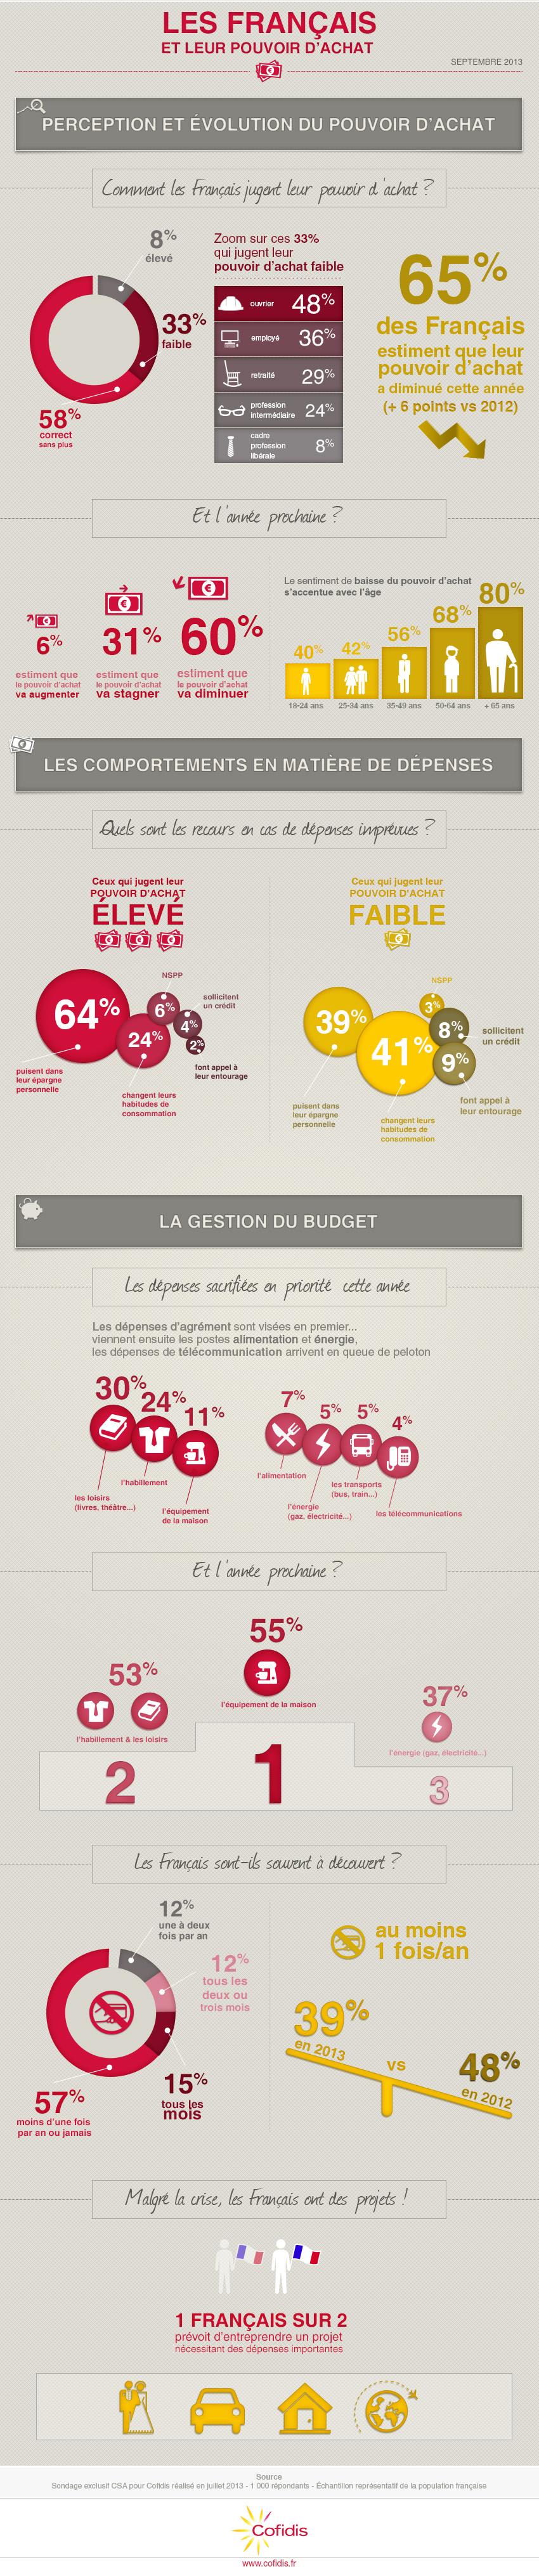 infographie Cofidis